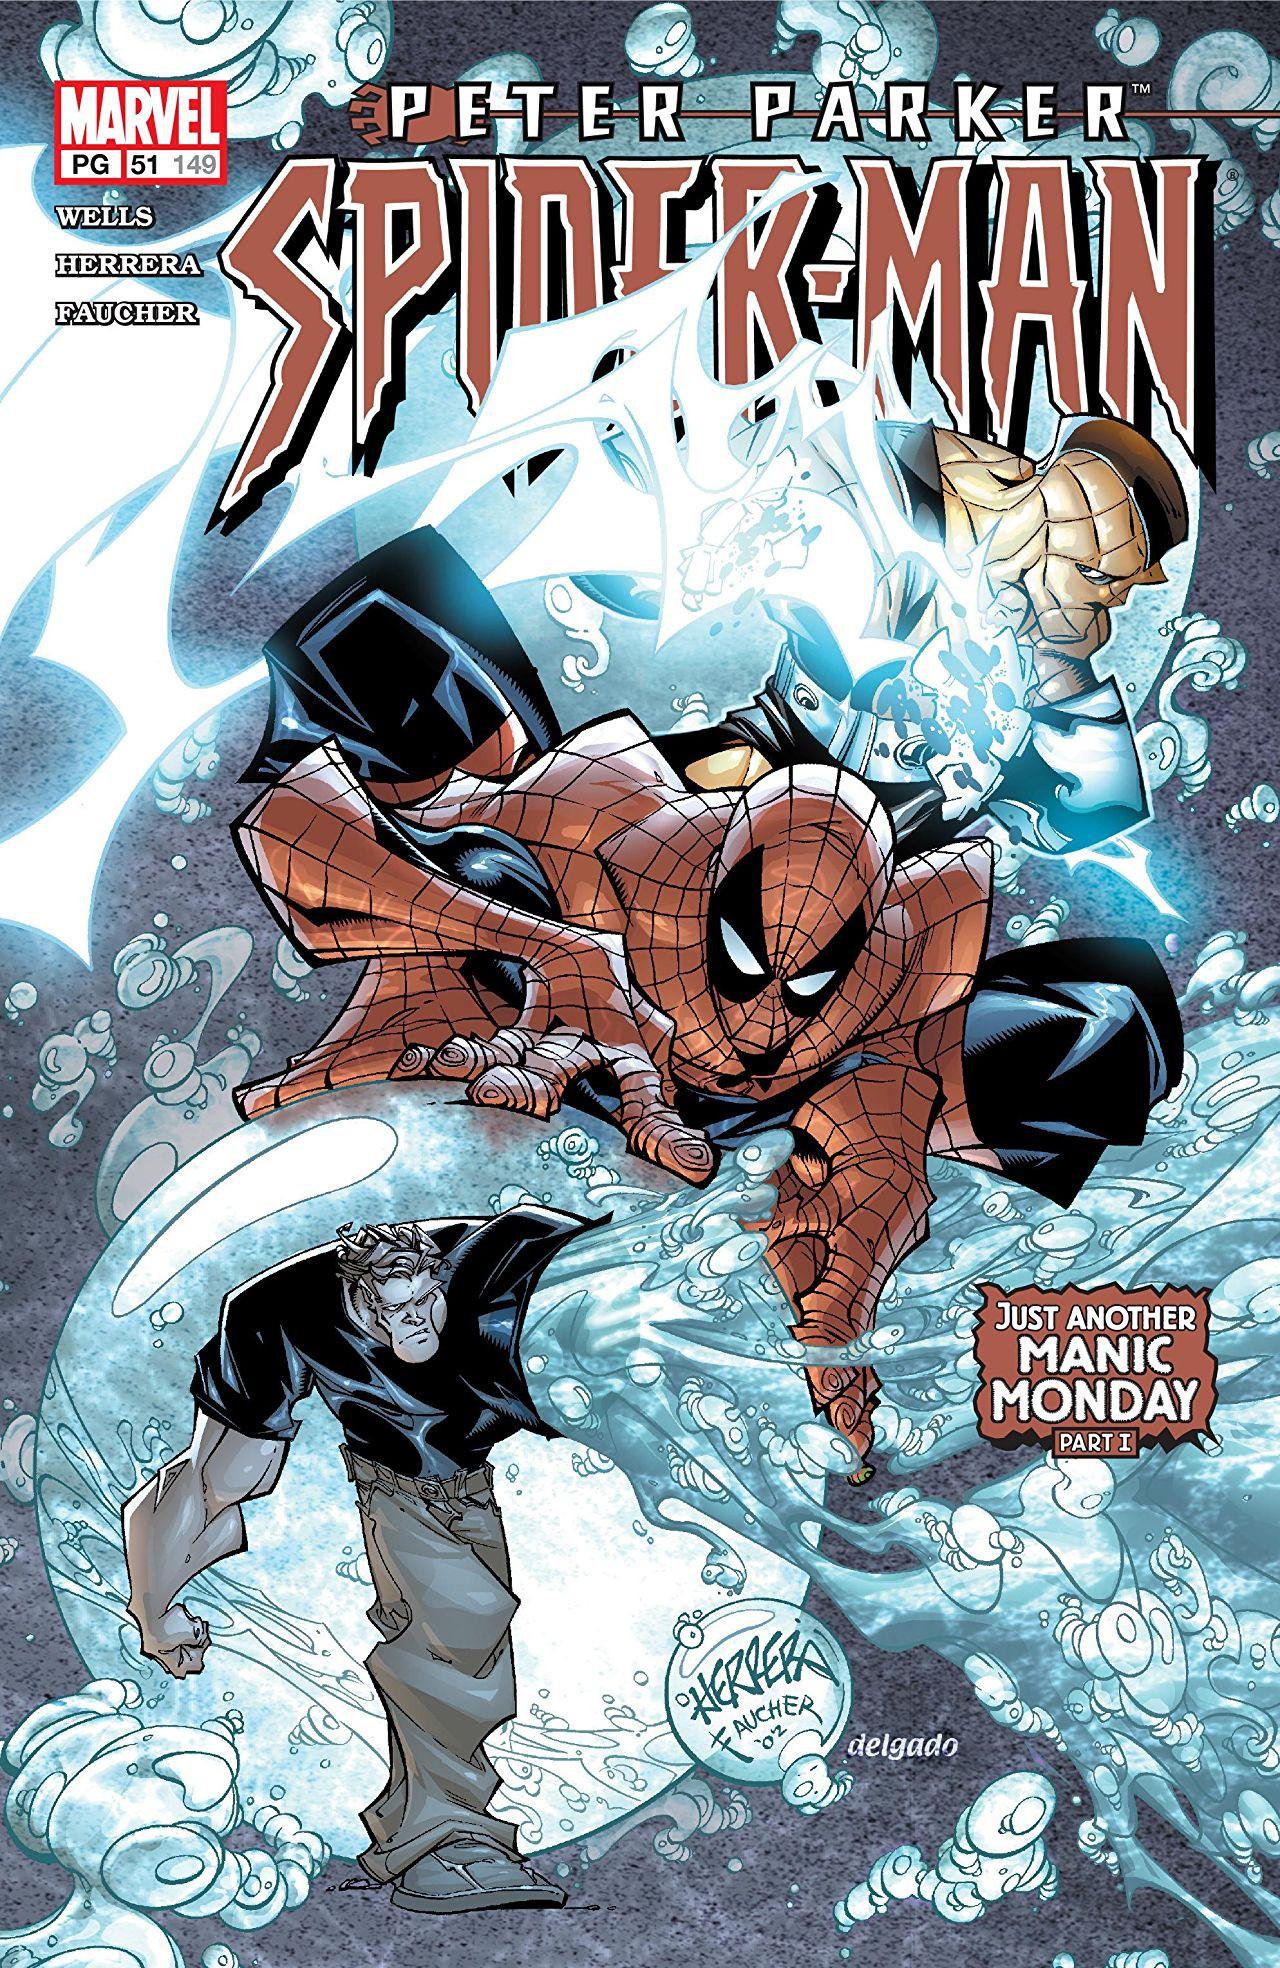 Peter Parker: Spider-Man Vol 1 51